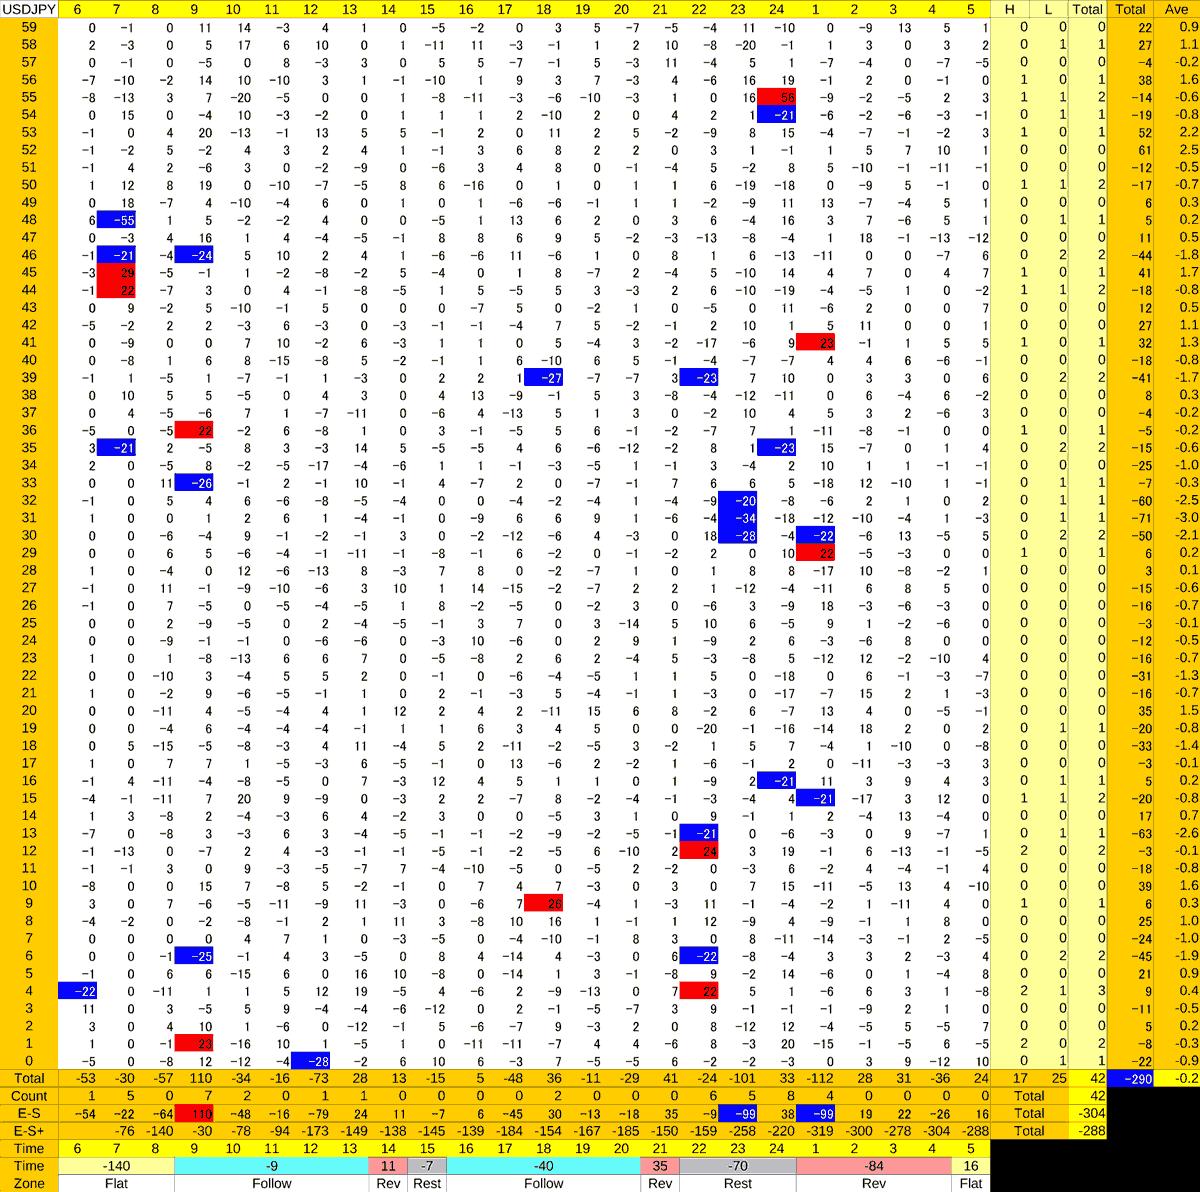 20201229_HS(1)USDJPY